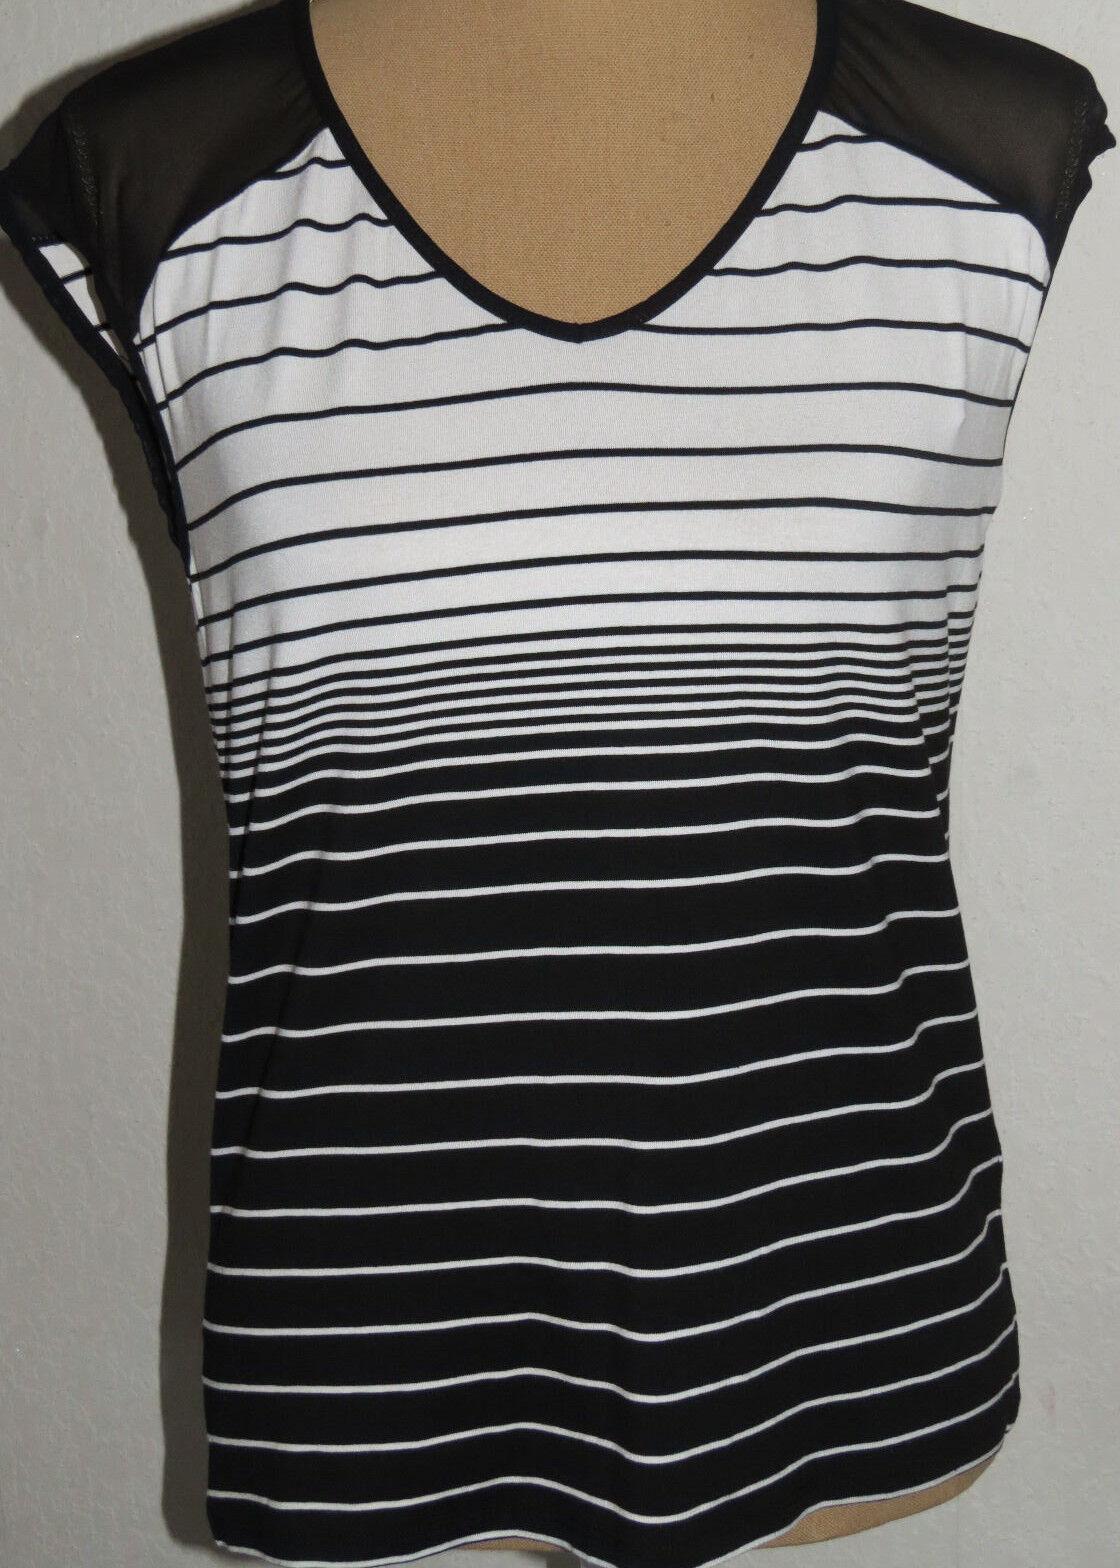 T-Shirt,MEXX, Gr. S schwarz-weiß   | Perfekt In Verarbeitung  | Die Königin Der Qualität  | Online Kaufen  | Reparieren  | Verkauf